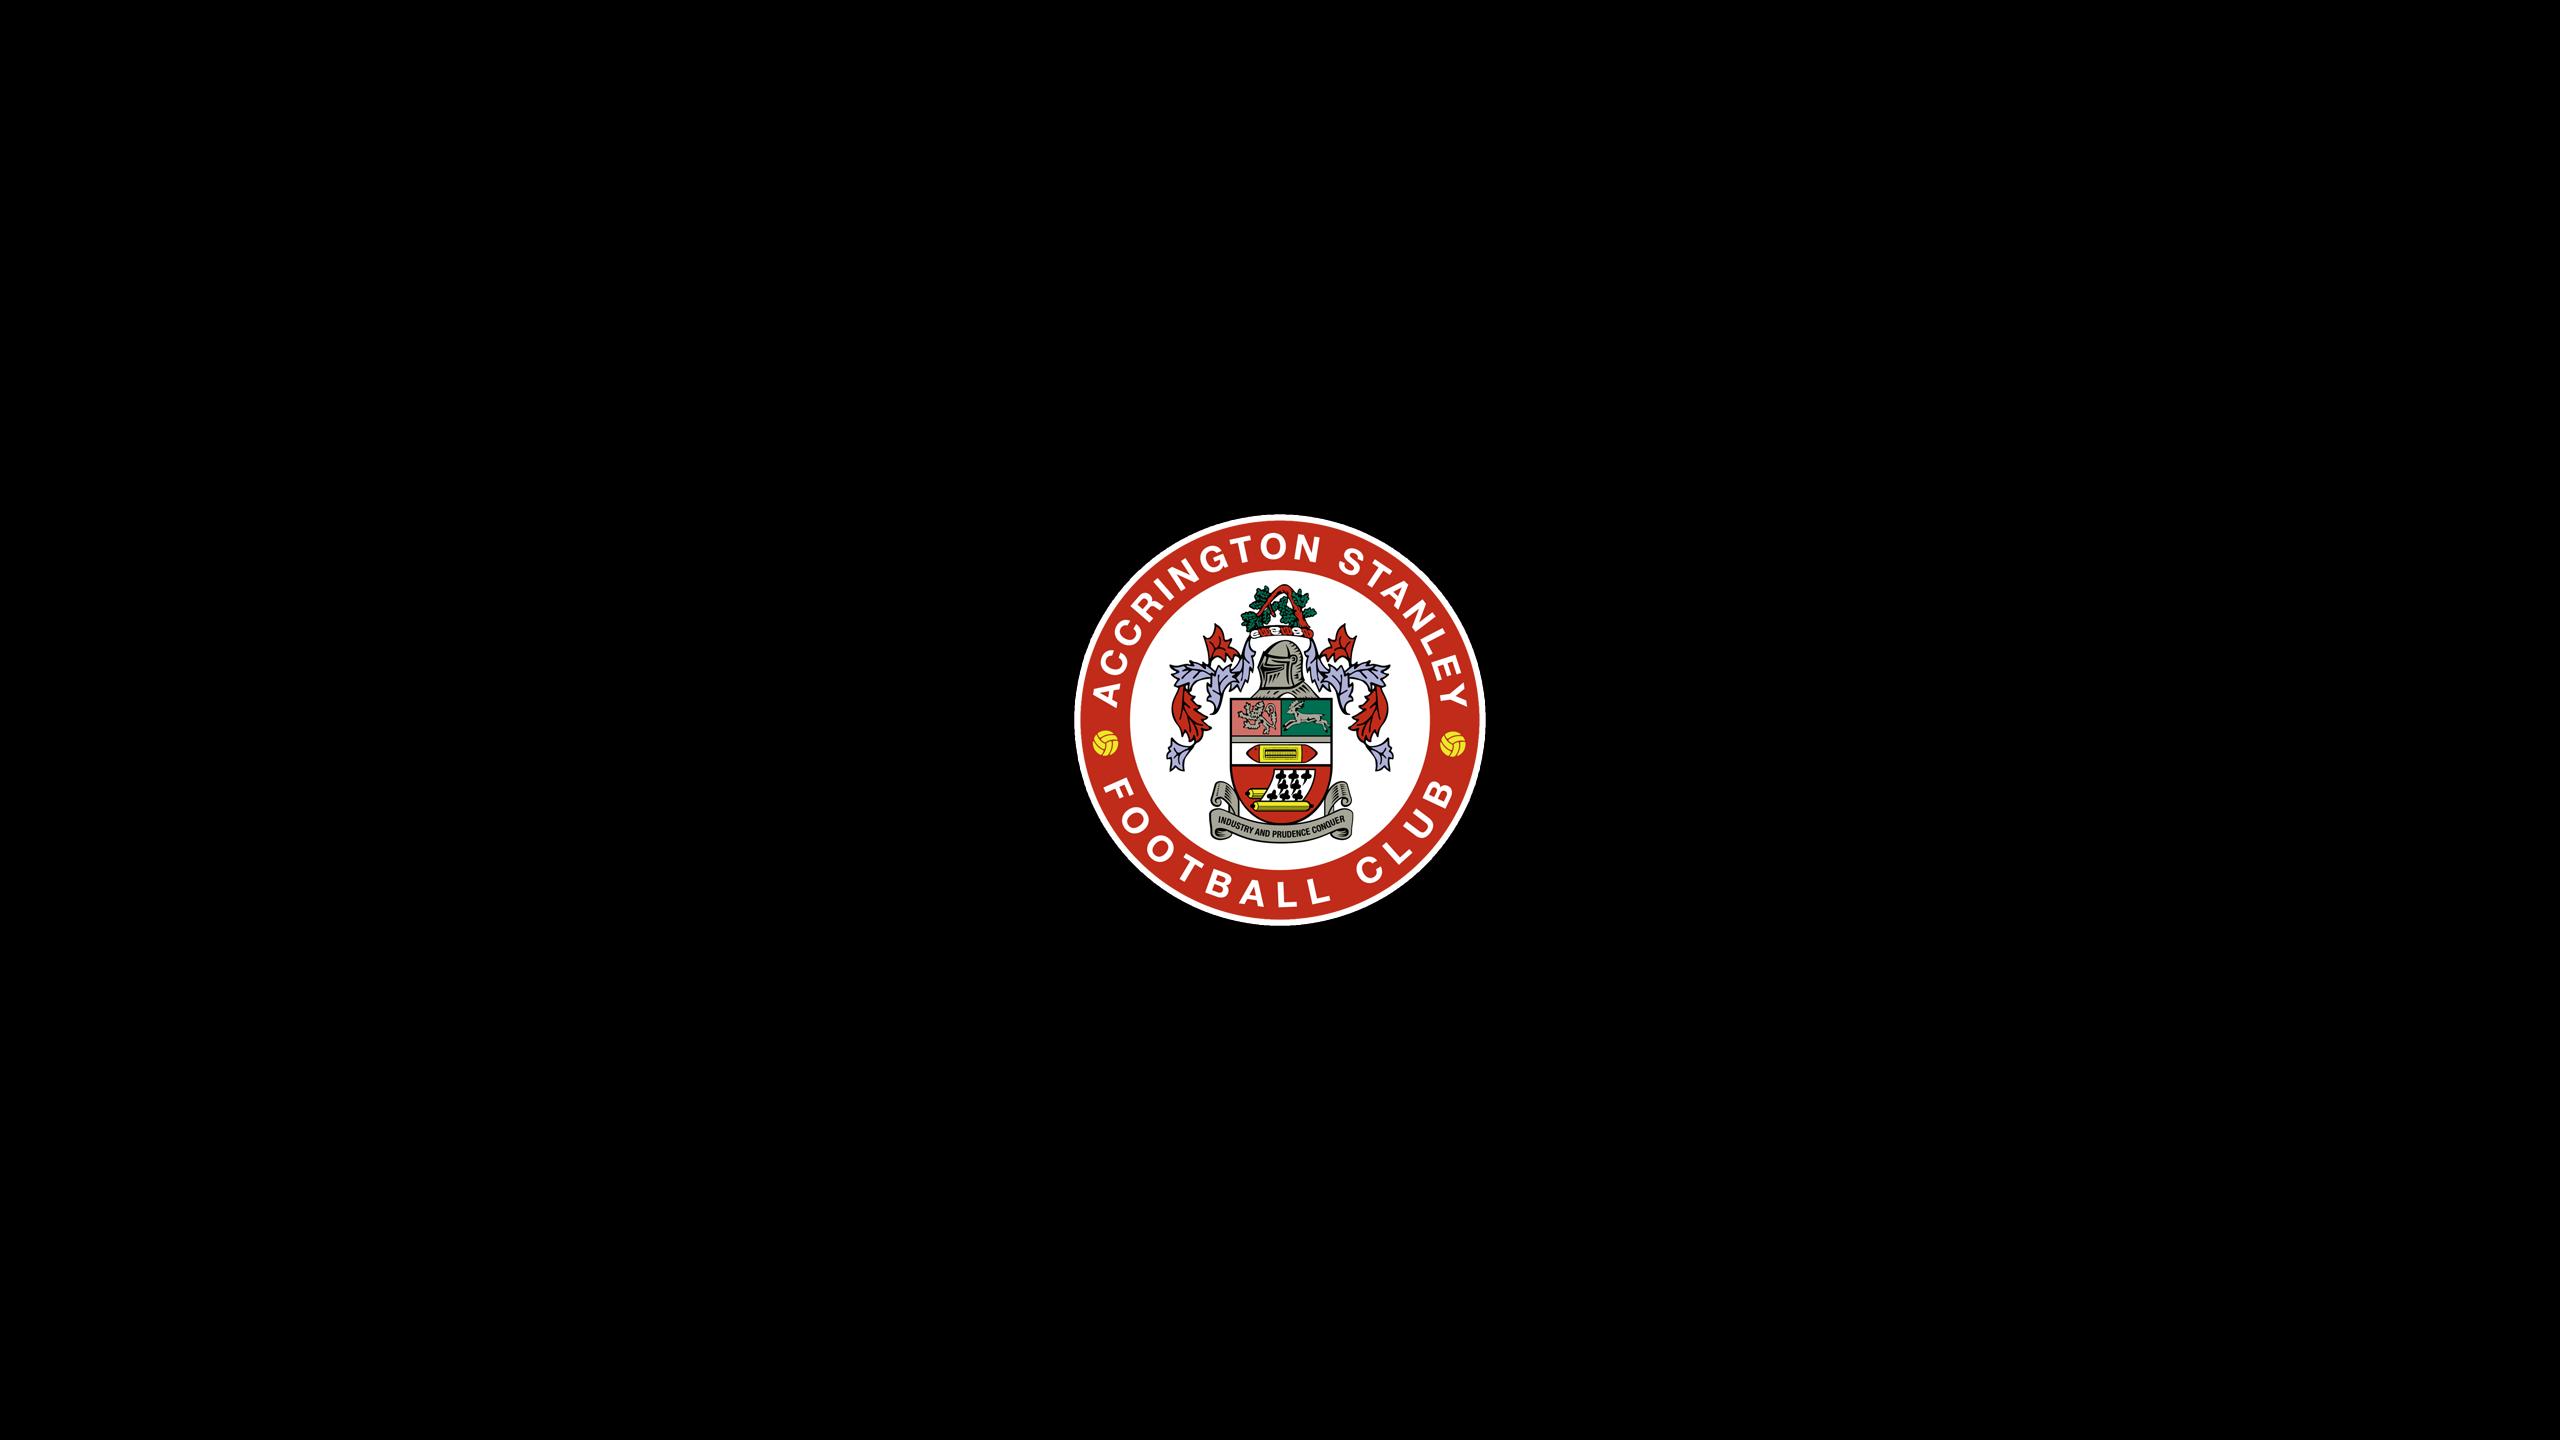 Accrington Stanley FC (Alt)